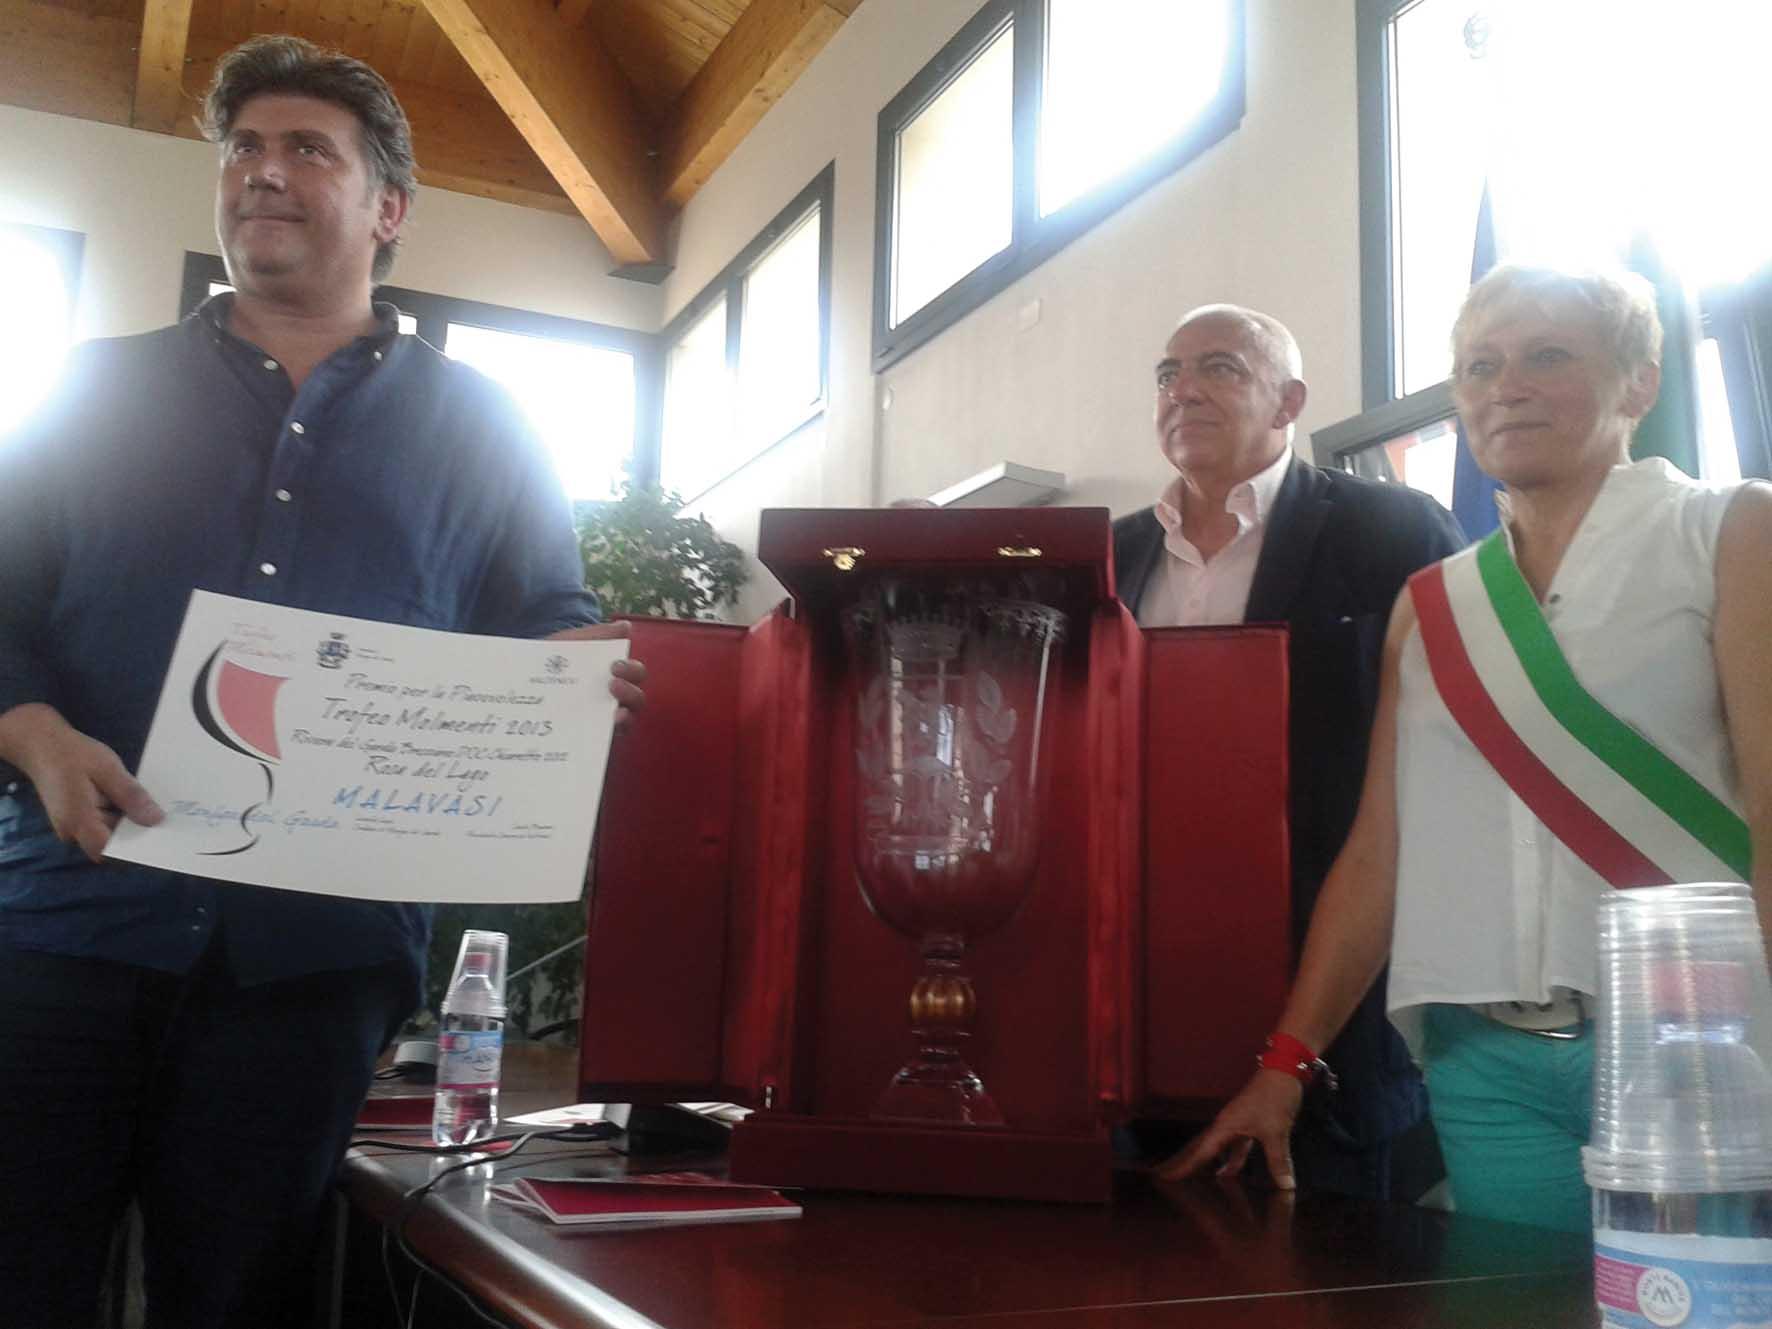 Italia-in-Rosa--Trofeo-Pompeo-Molmenti-Daniele-Malavasi-Luigi Alberti-ilnordest